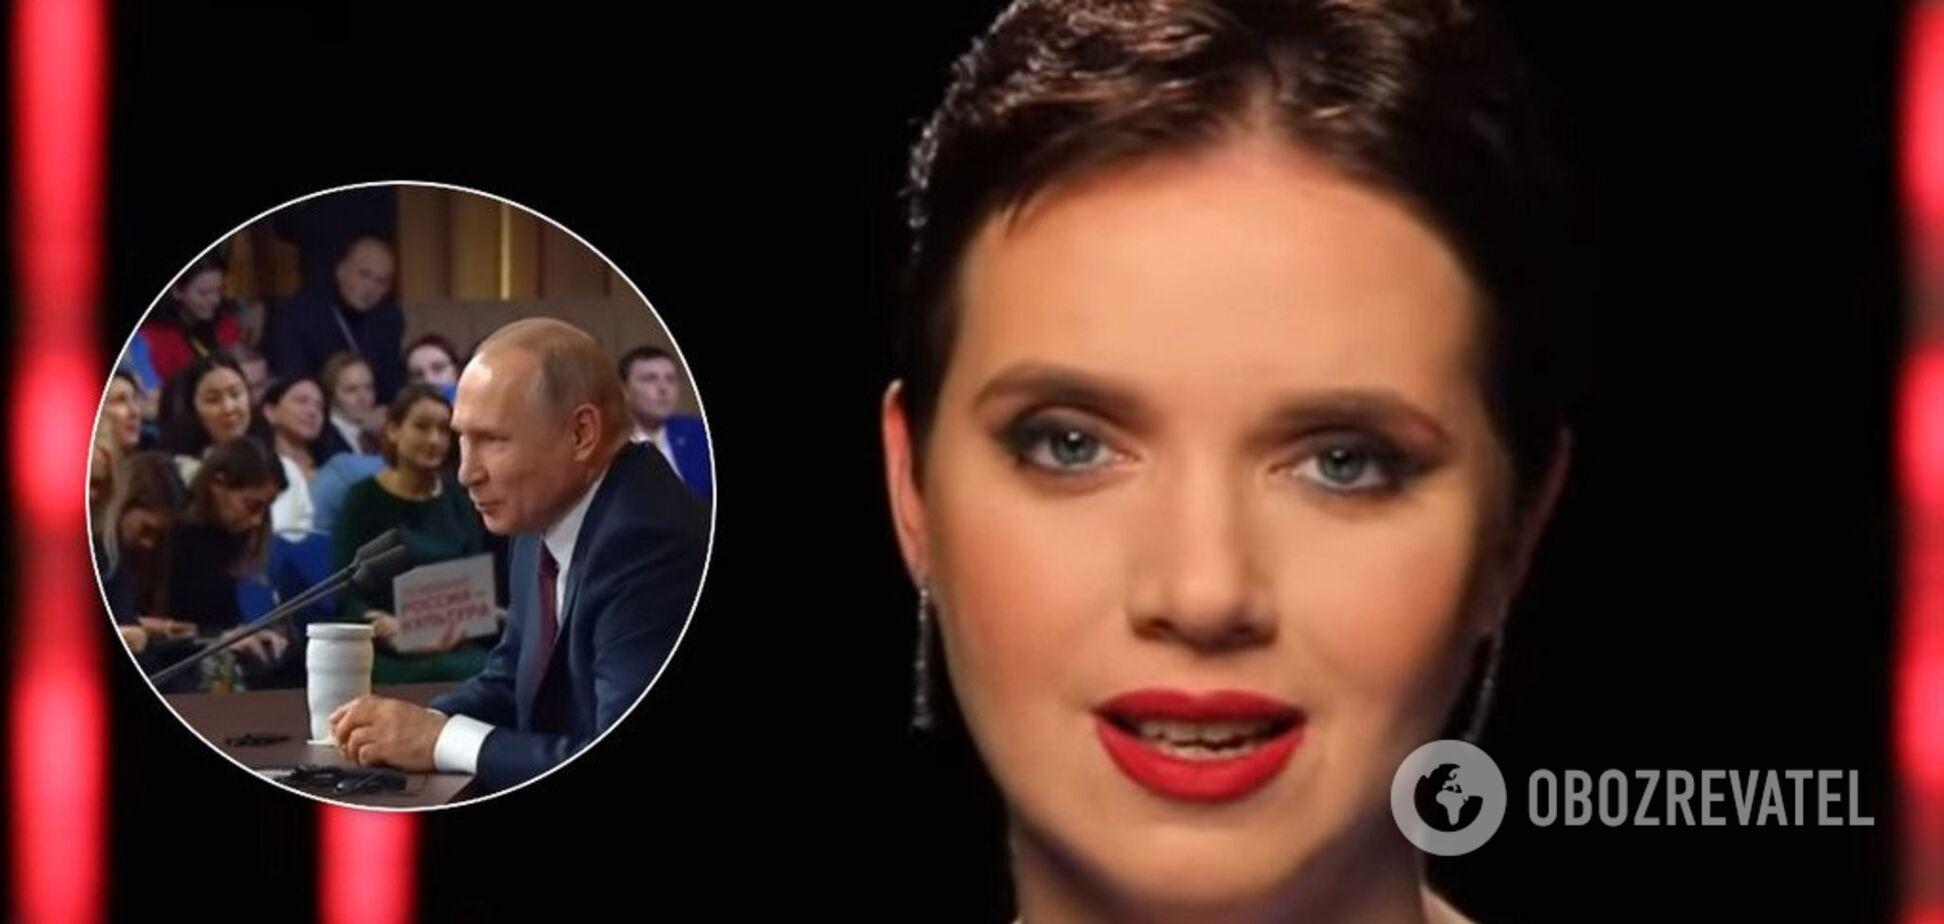 Яніна Соколова та Володимир Путін